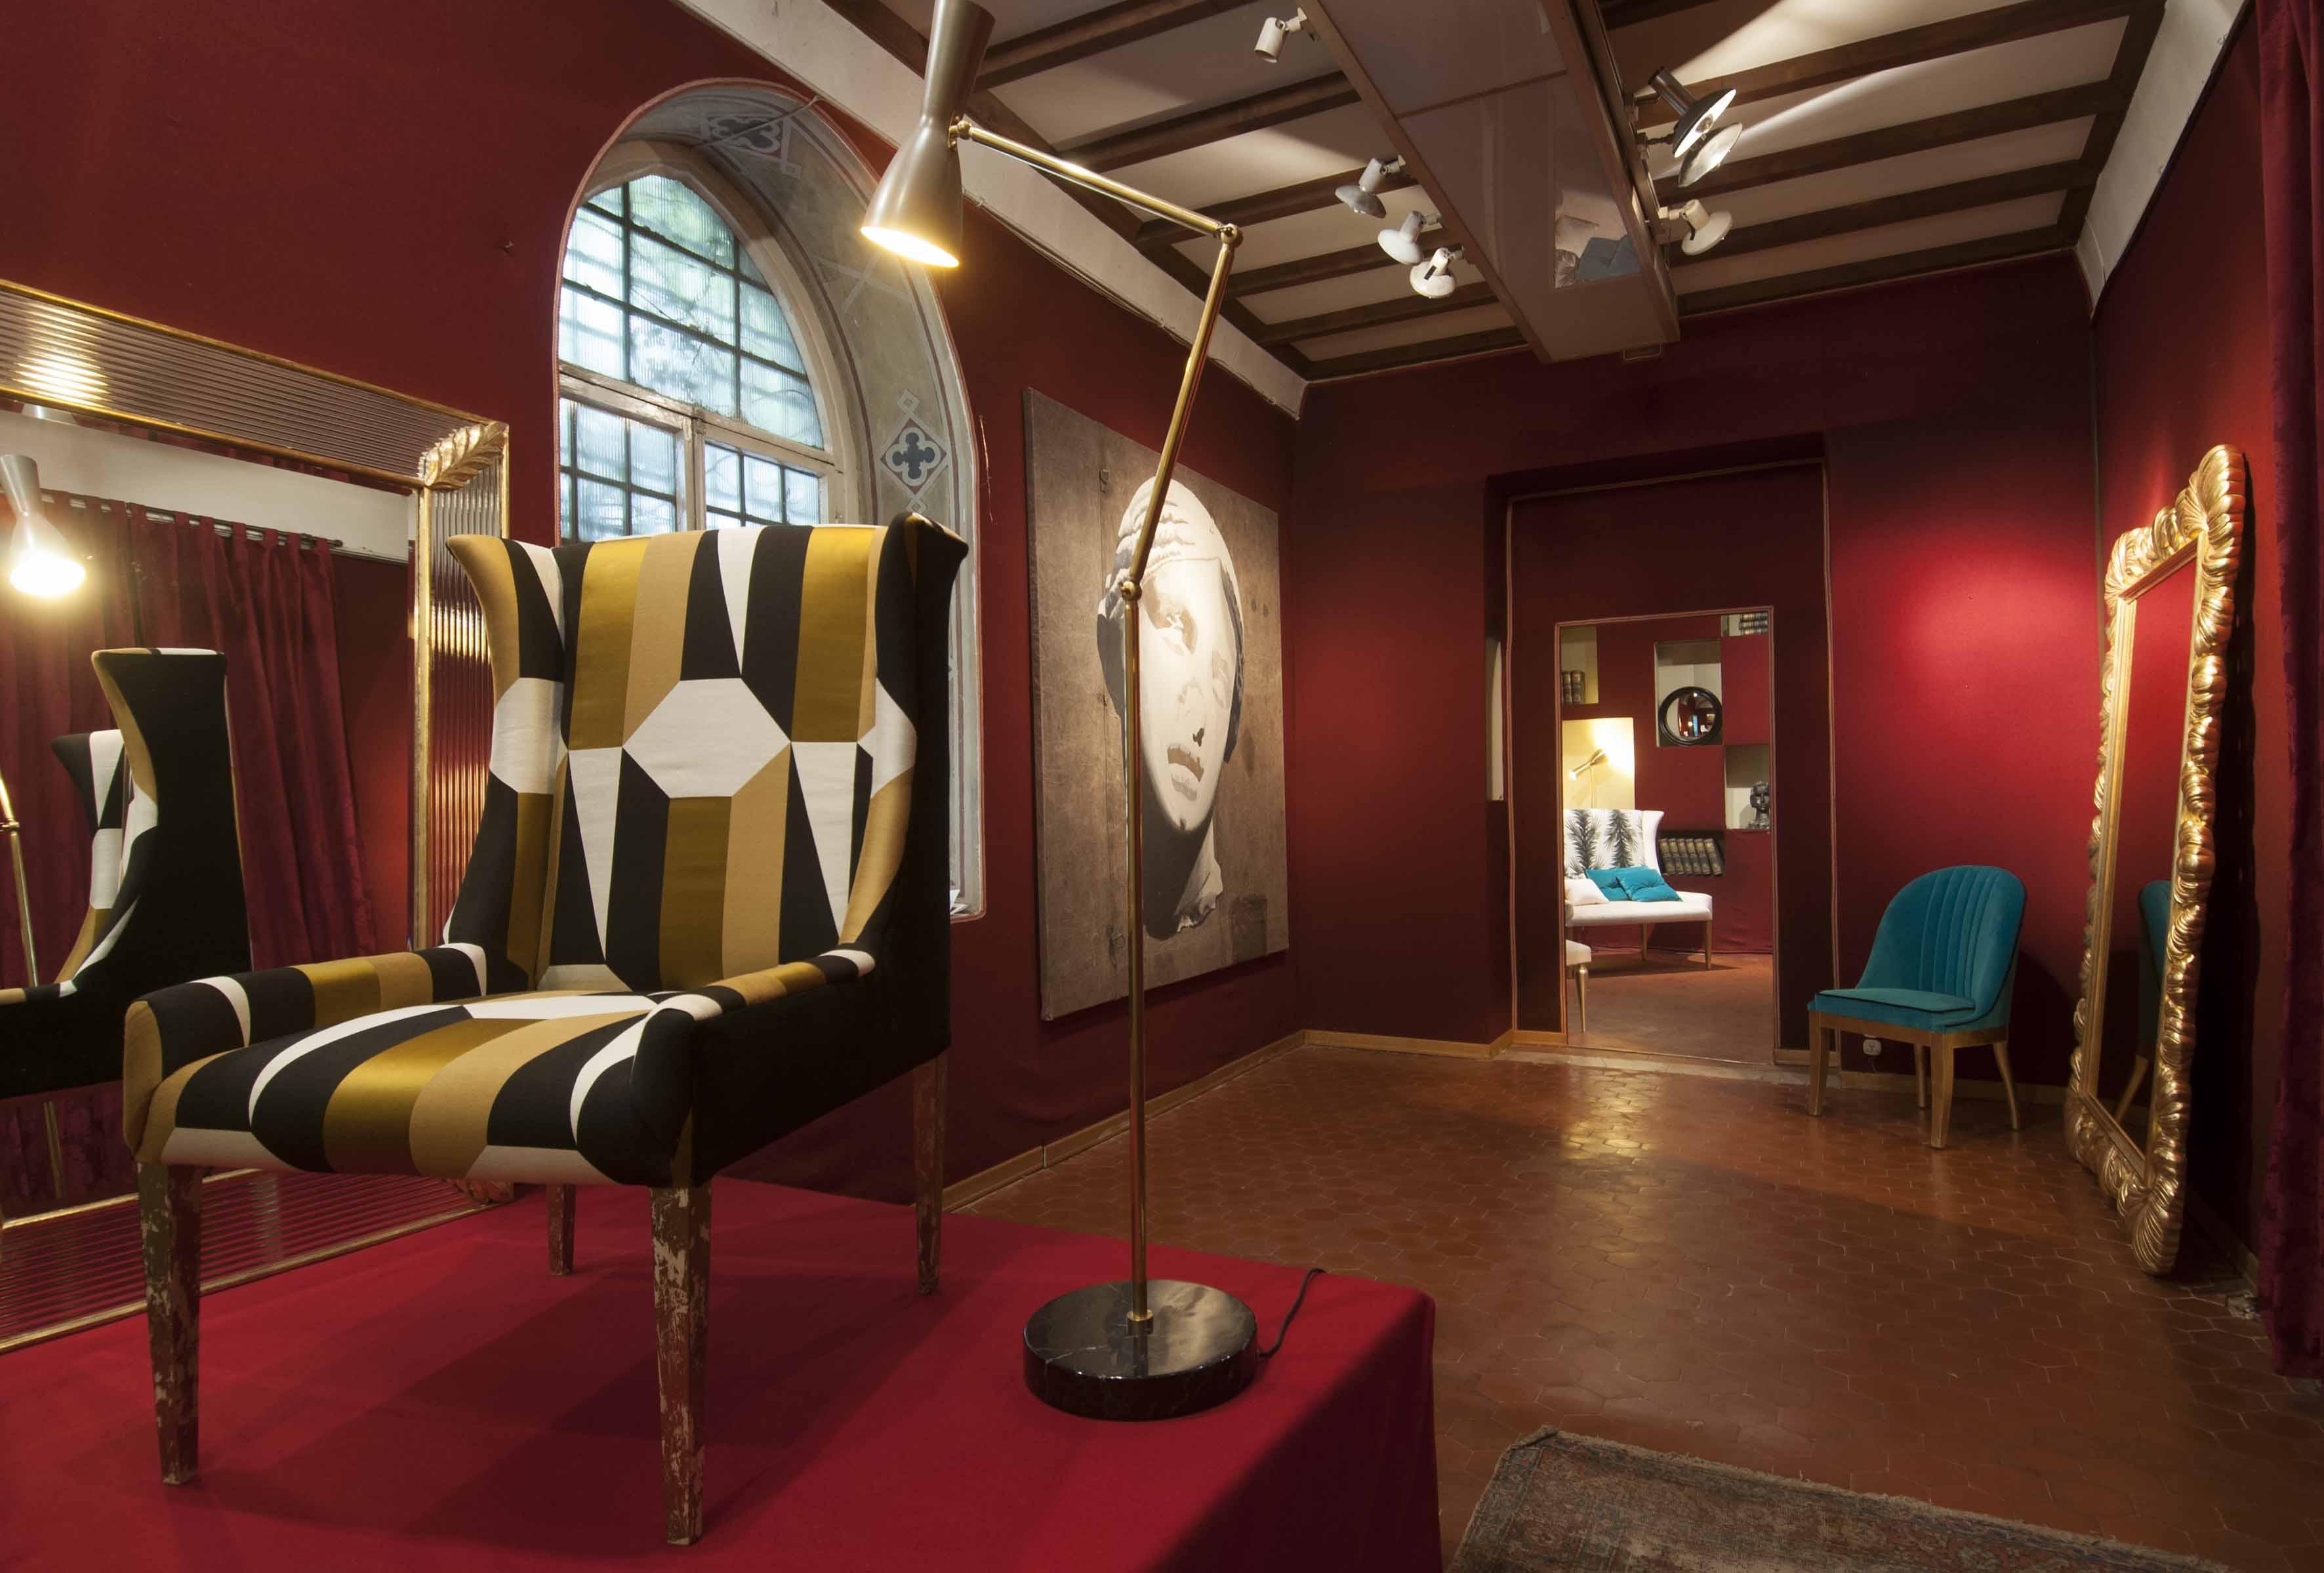 Mobili In Stile Gotico le collezioni d'arredo spini interni esposte a palazzo